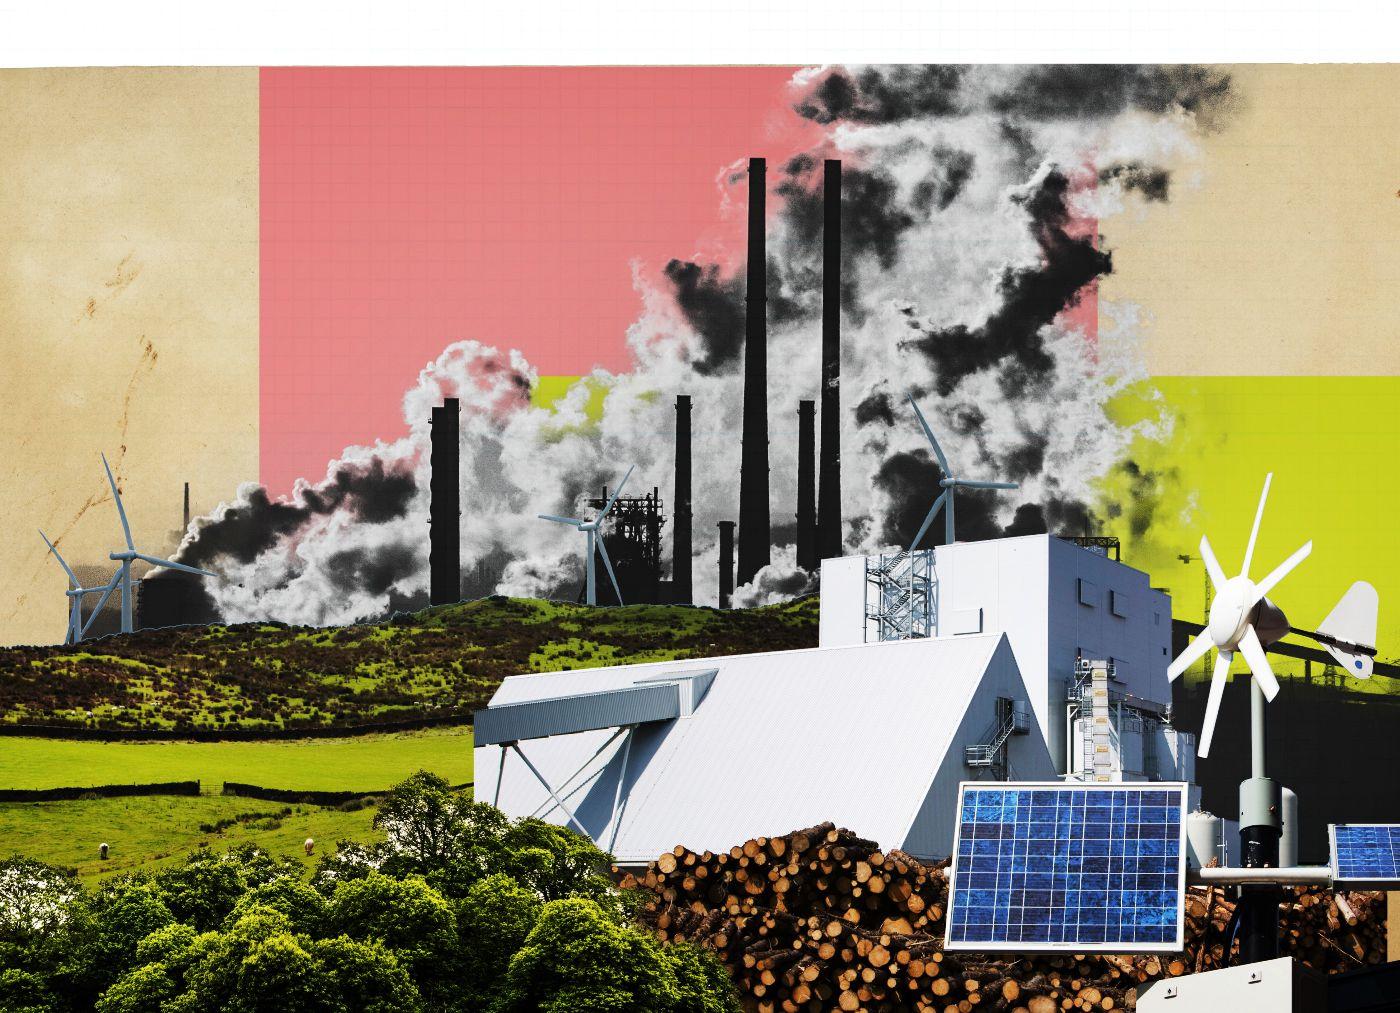 В 2021 году ожидается второй сильнейший в истории скачок выбросов углекислого газа